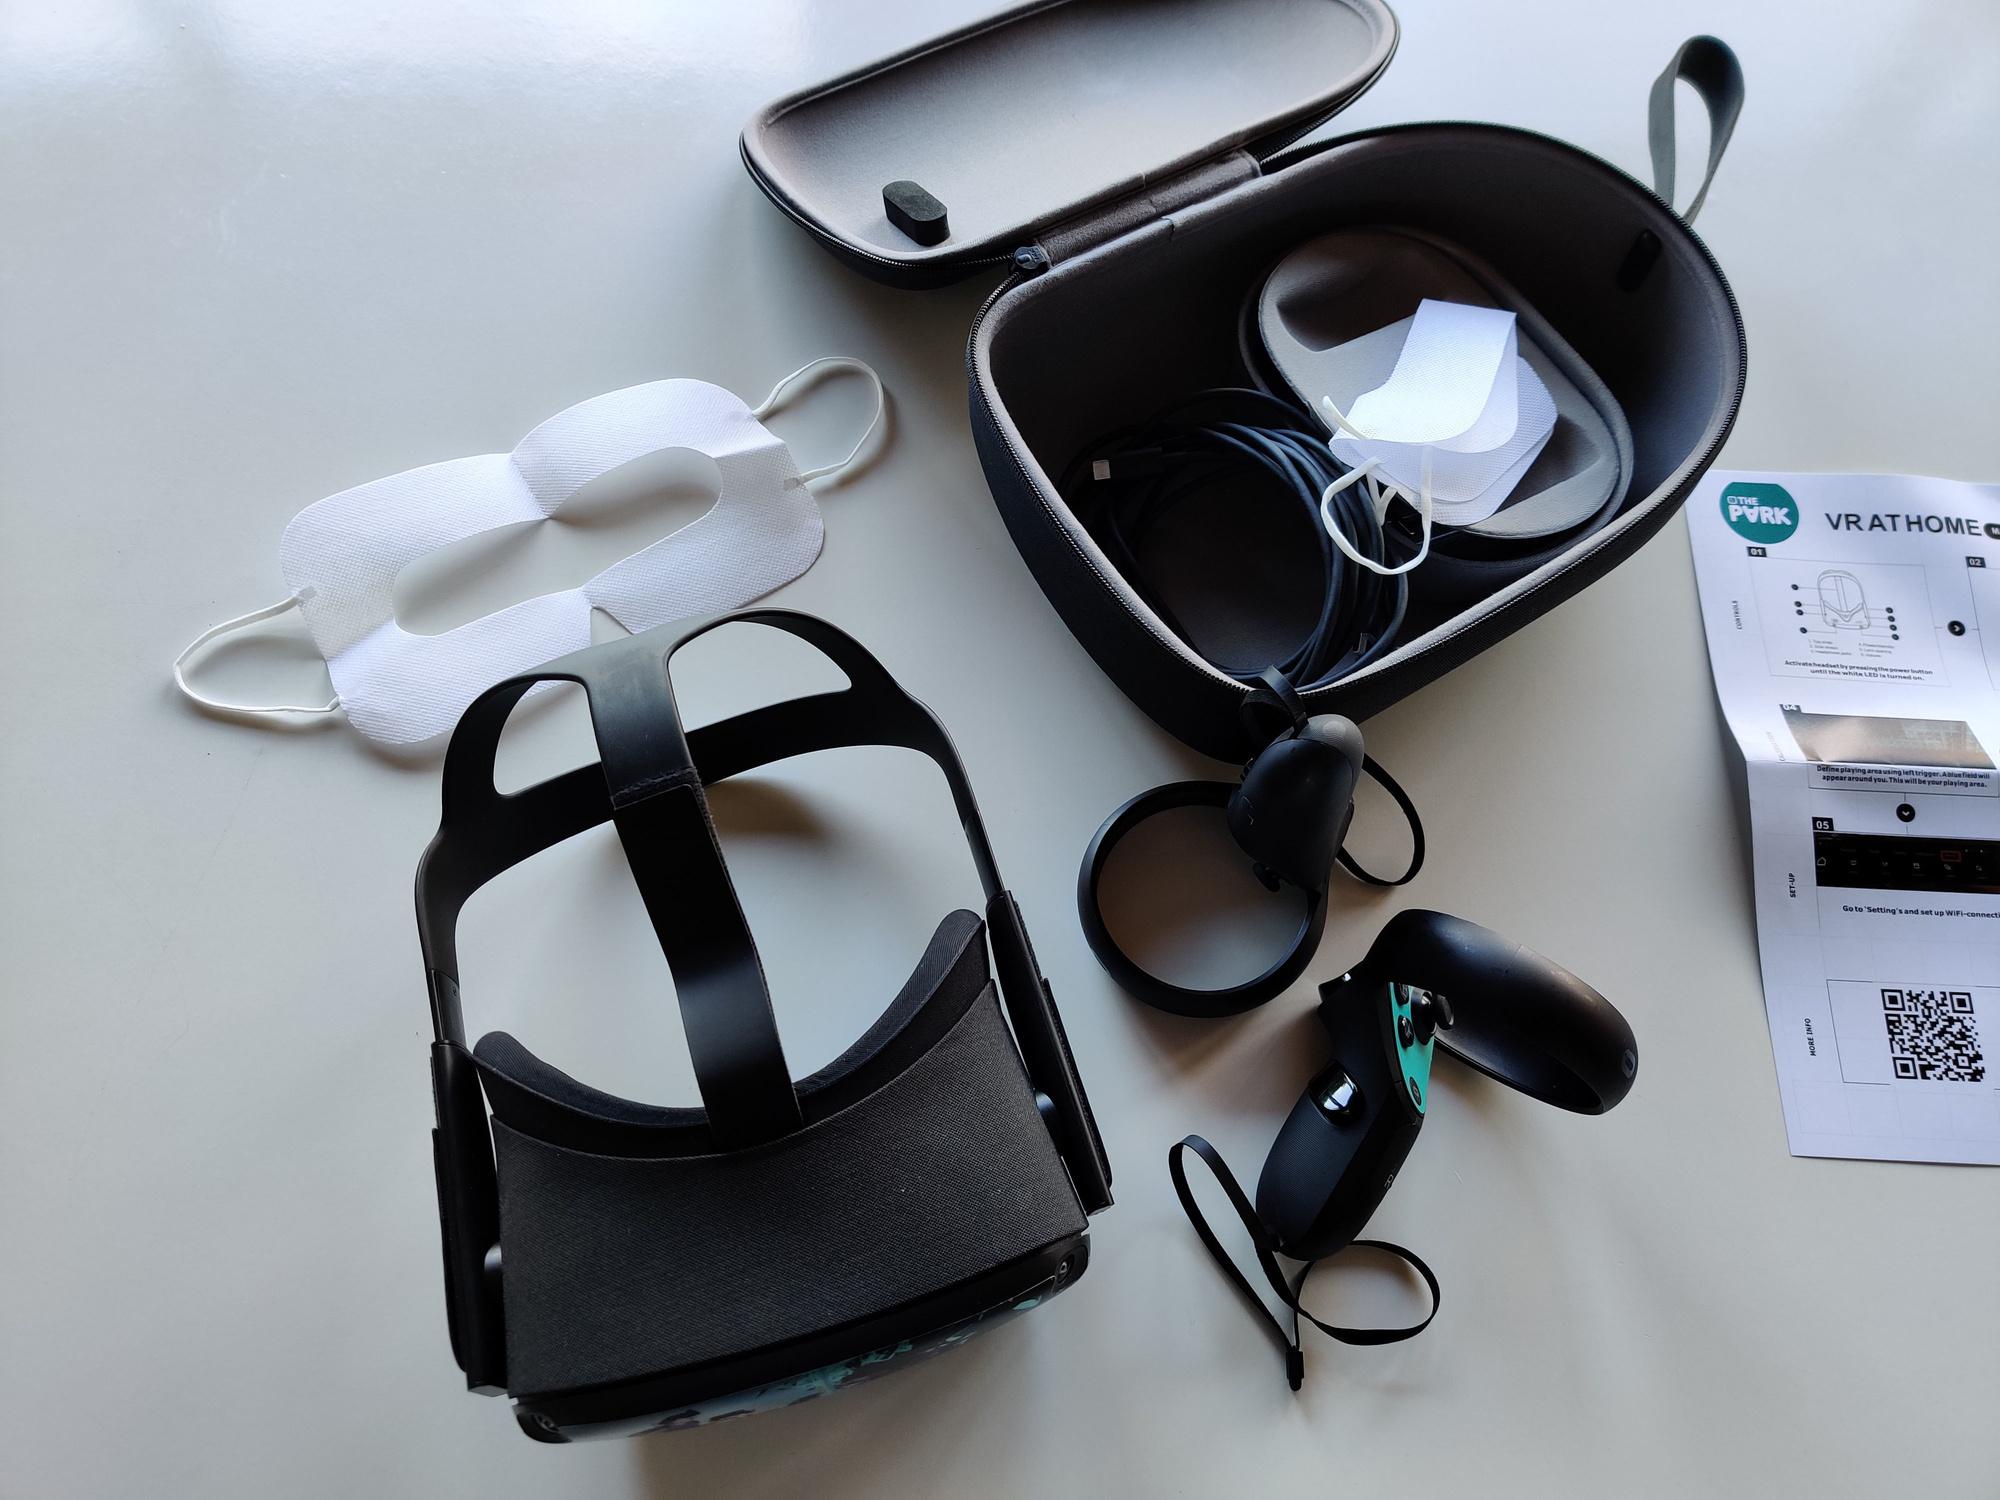 Het volledige pakket bestaat uit een headset, twee controllers, een oplaadkabel en twee gezichtsmaskers., PVL